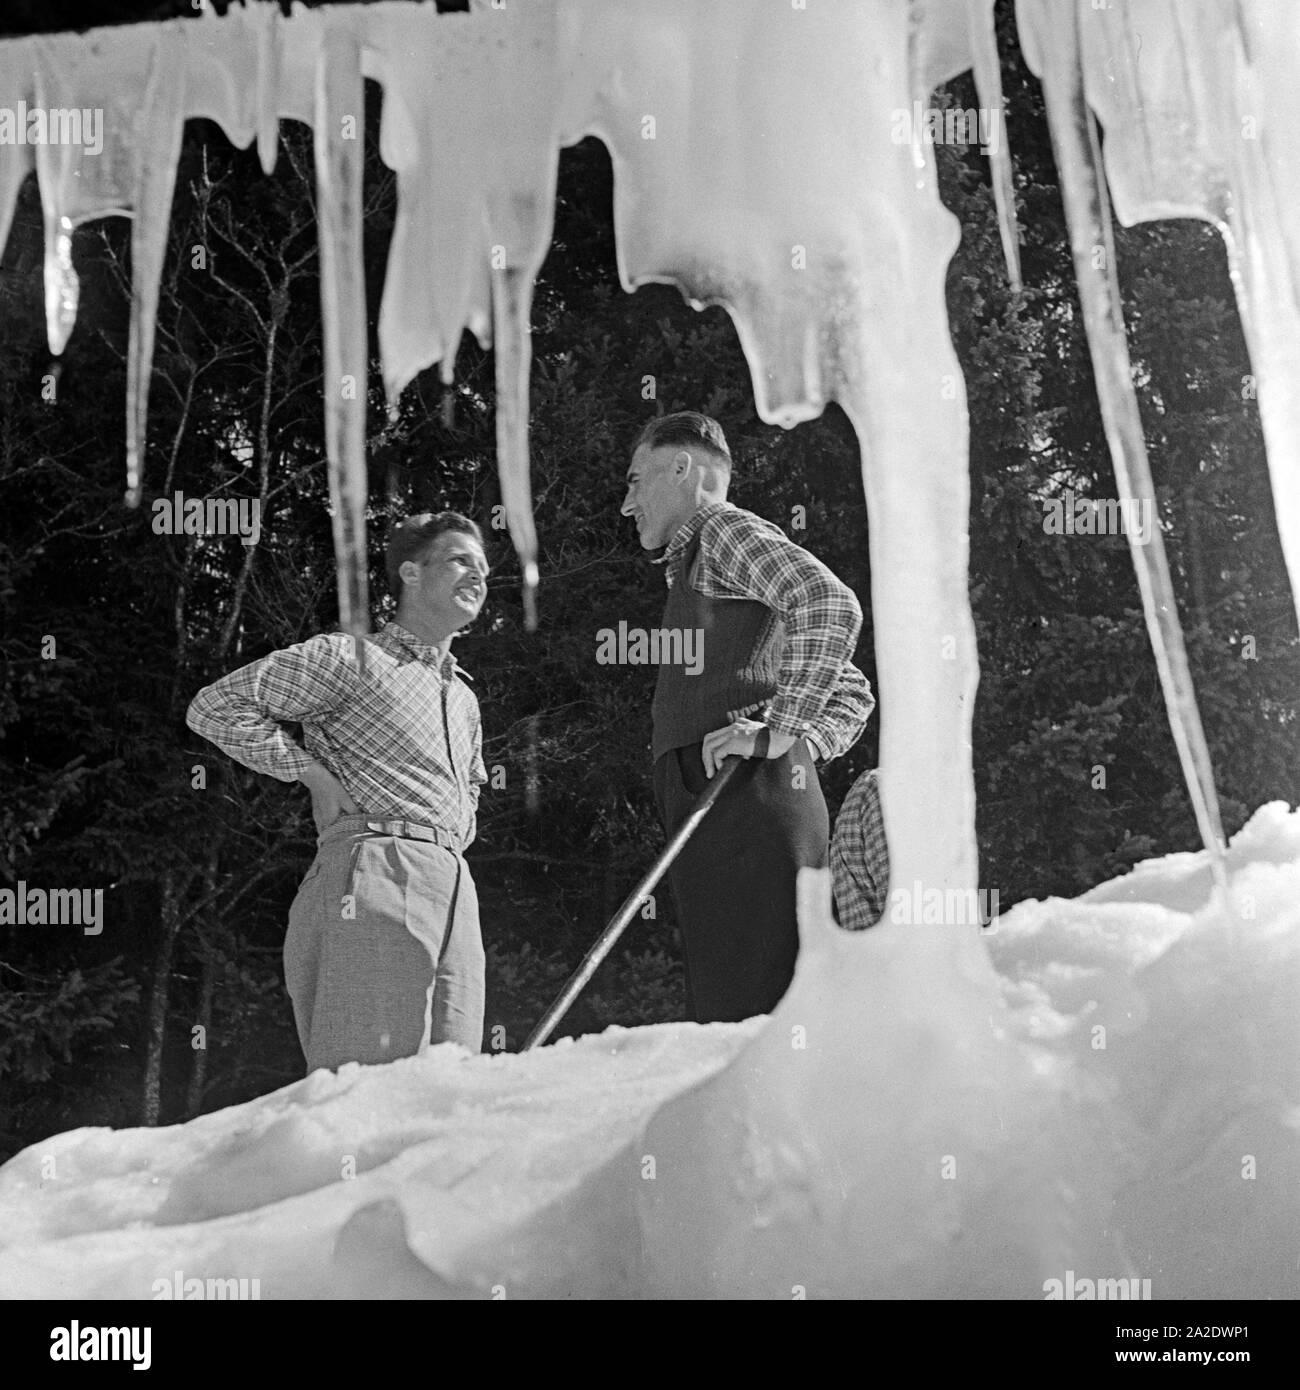 Zwei Skiläufer bei einer Unterhaltung, Deutschland 1930er Jahre. Deux touristes de ski chat, Allemagne 1930. Banque D'Images